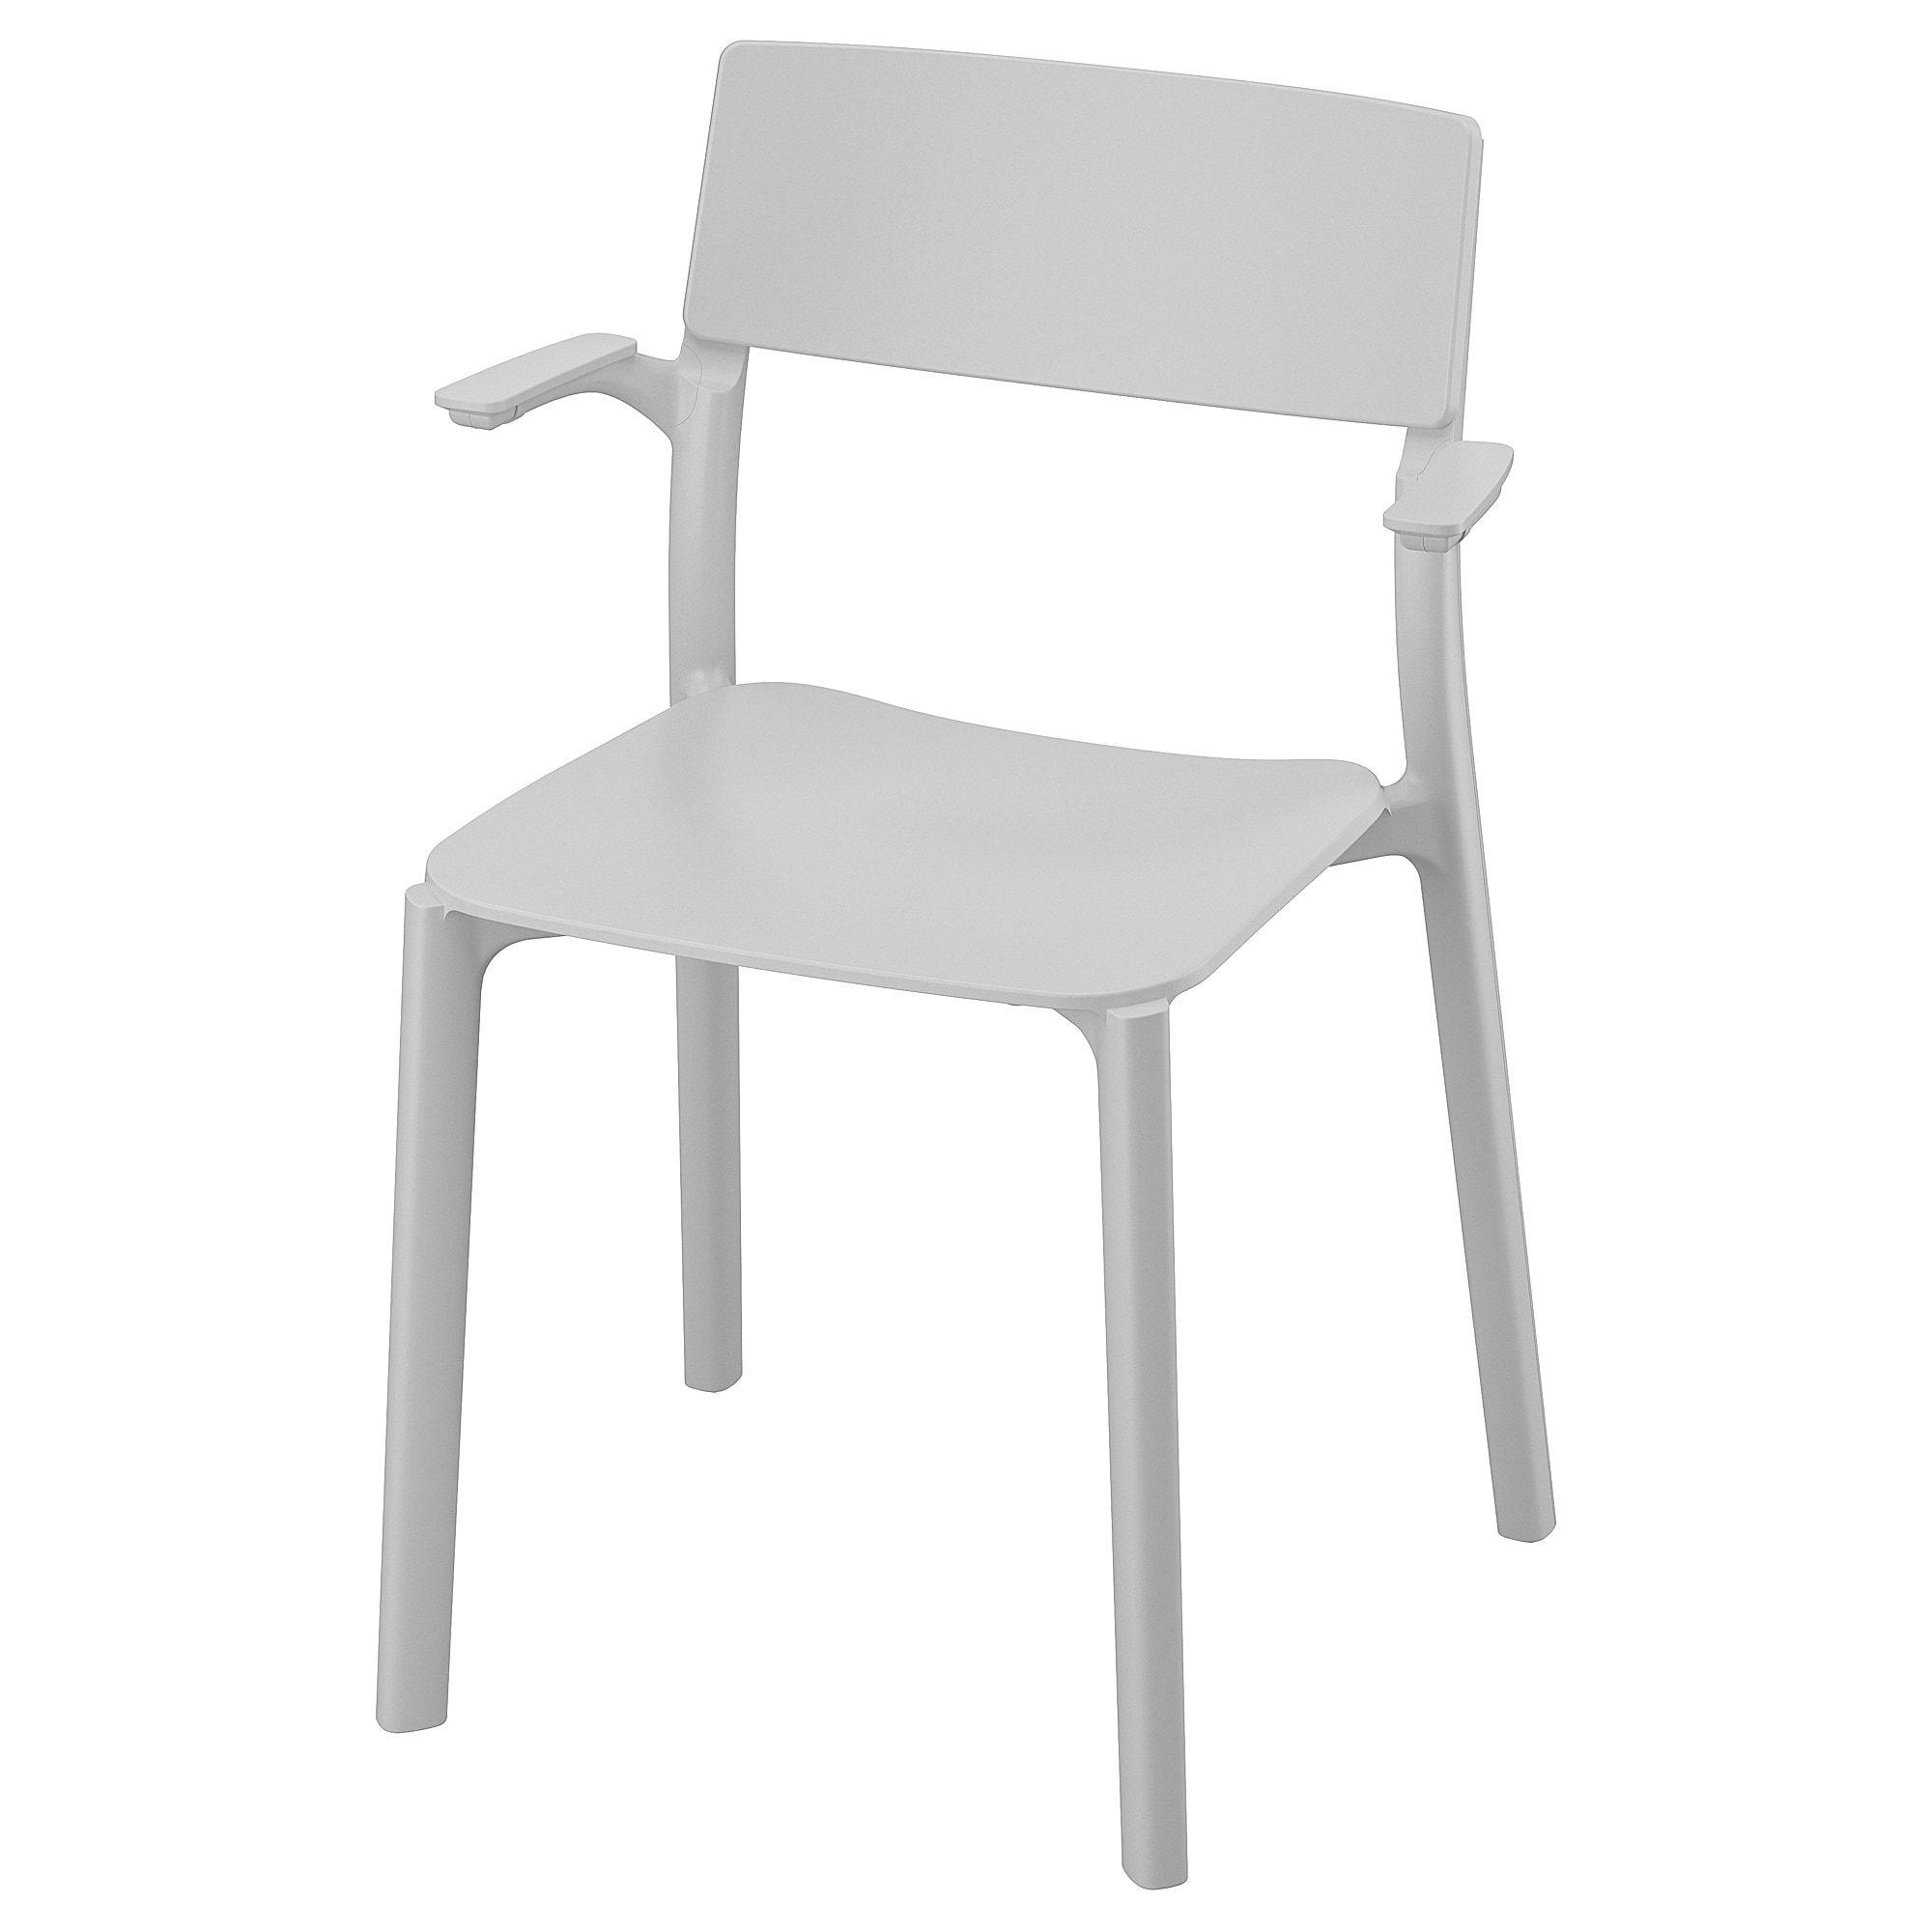 Full Size of Liegestuhl Klappbar Holz Ikea Sofa Mit Schlaffunktion Modulküche Betten 160x200 Bei Küche Kosten Garten Ausklappbares Bett Ausklappbar Miniküche Kaufen Wohnzimmer Liegestuhl Klappbar Ikea